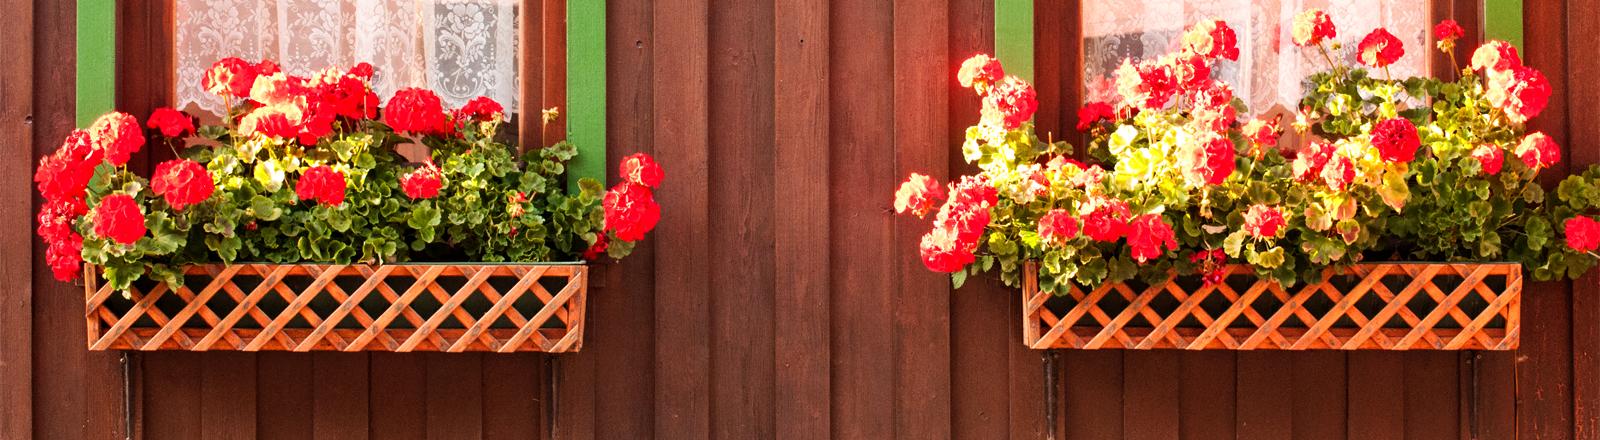 Rustikale Blumenkästen vor einer Holzwand